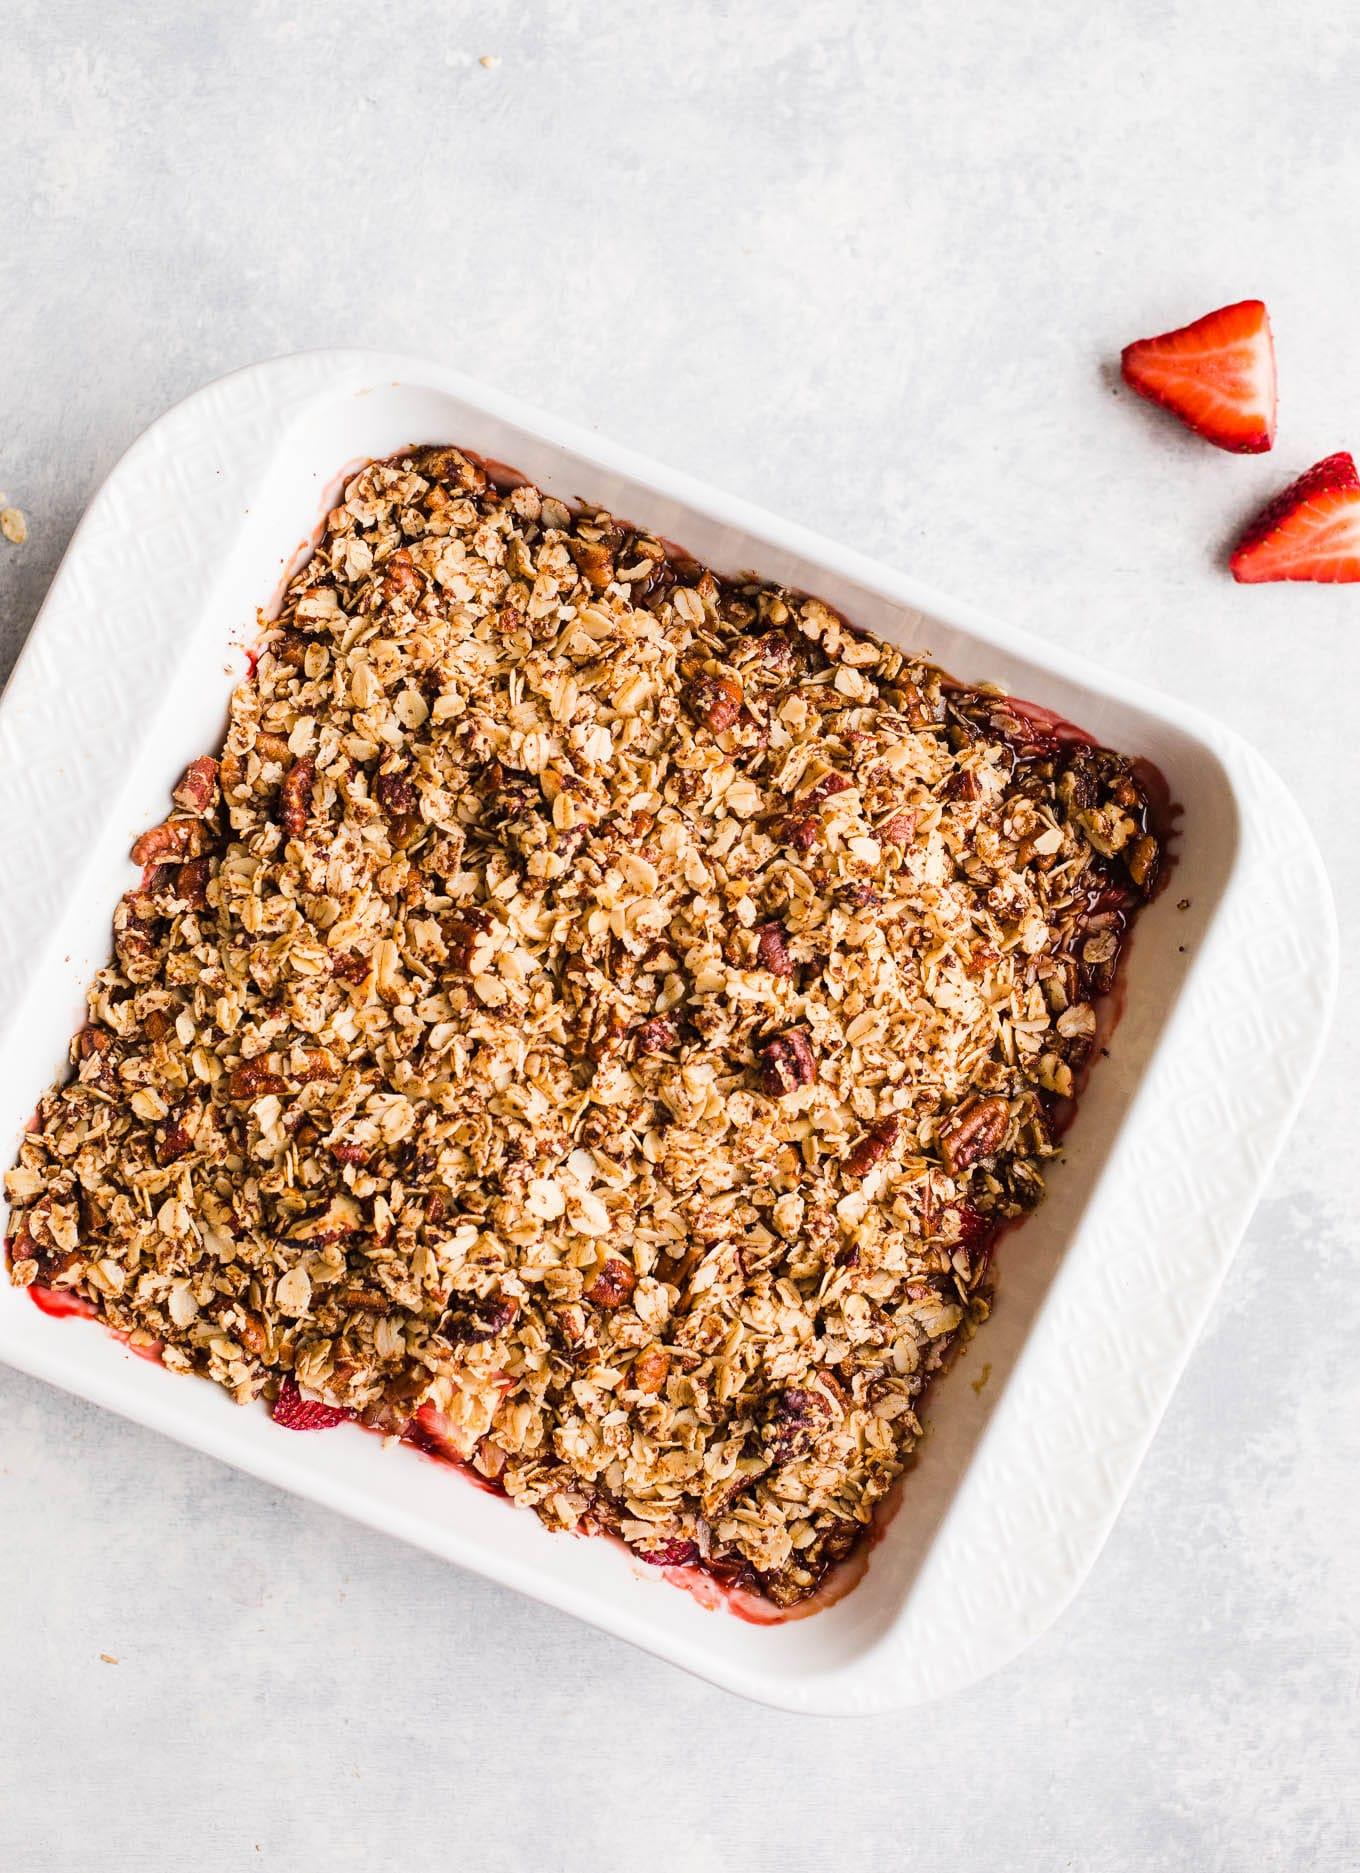 Baked Strawberry Crisp